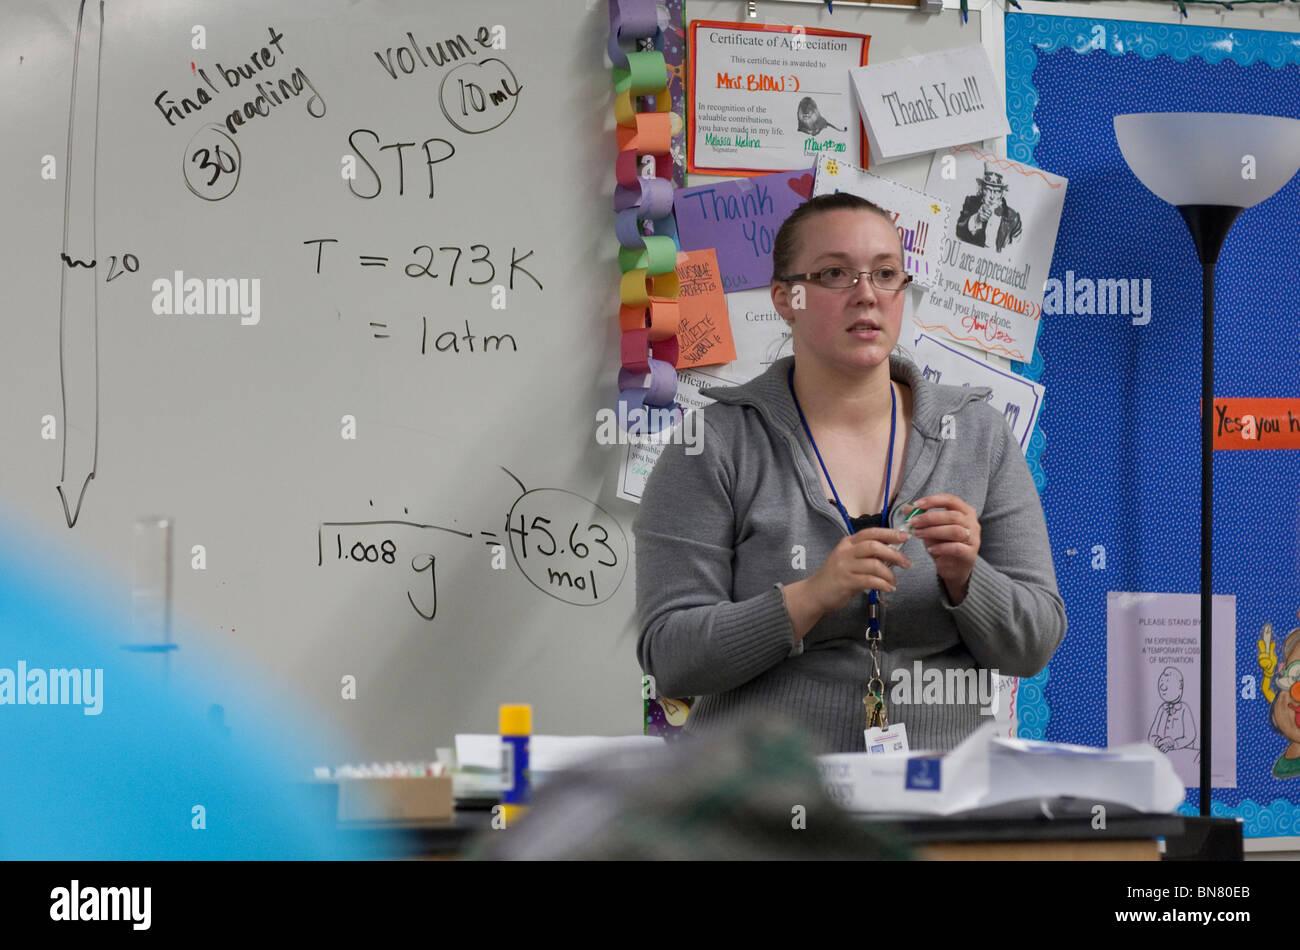 Femelle Anglo high school science l'enseignant explique les procédures d'expérimentation en classe. Photo Stock